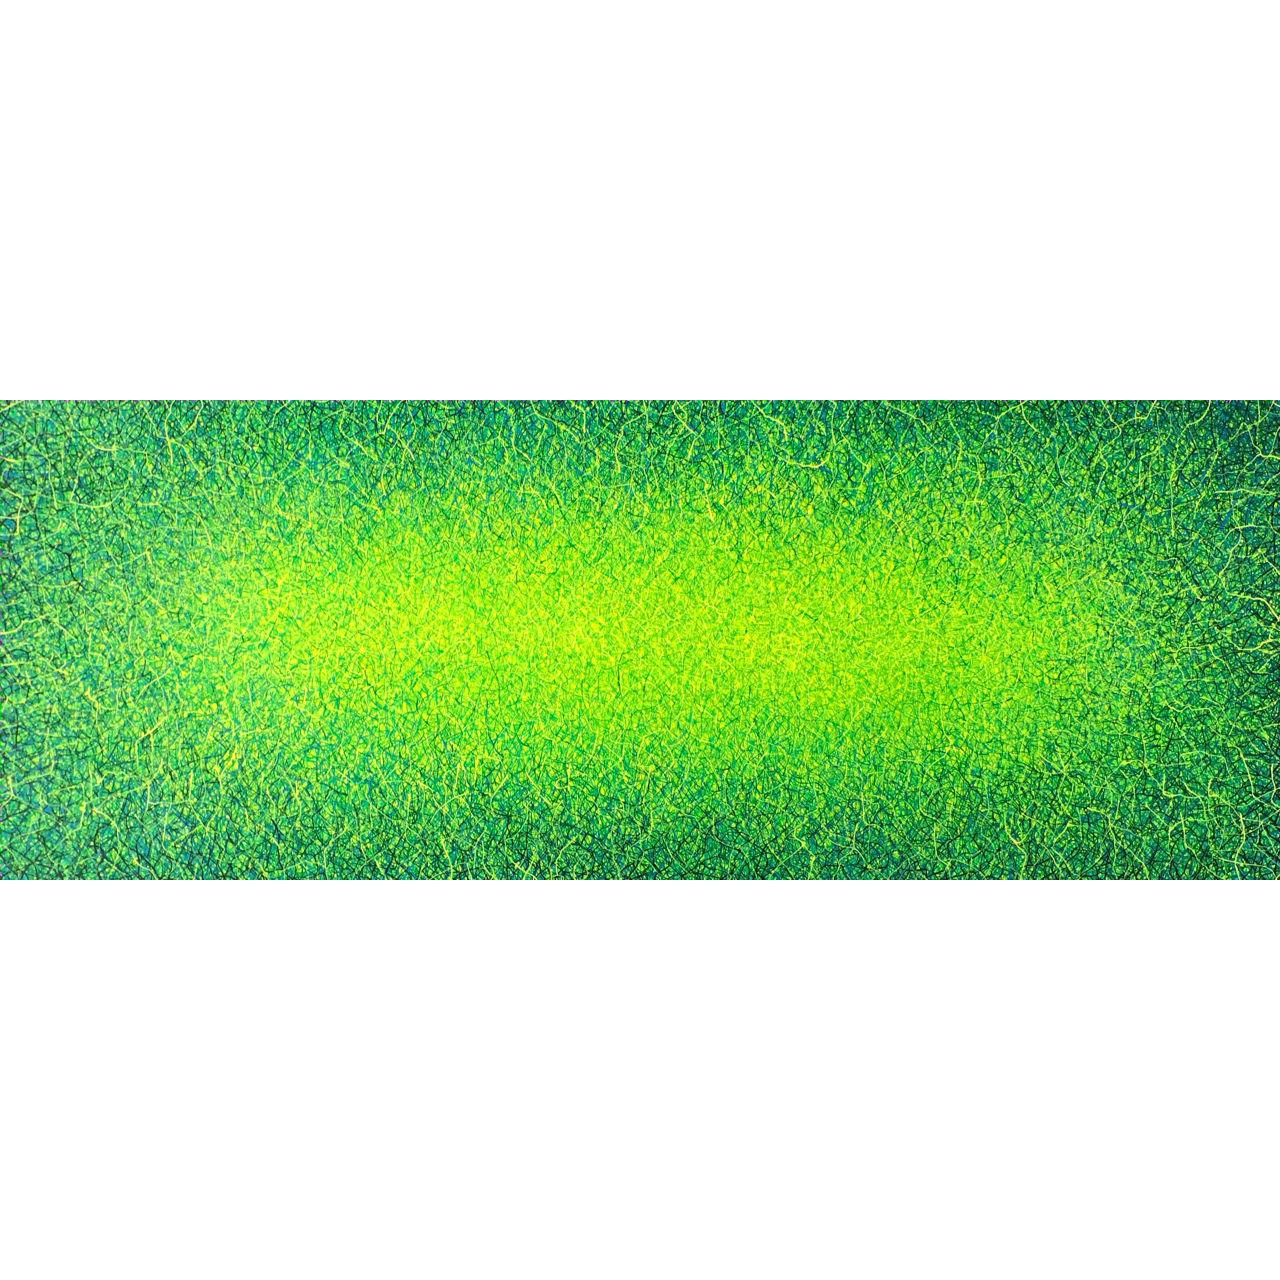 Immagine di Grammelot giallo - Quadro moderno astratto